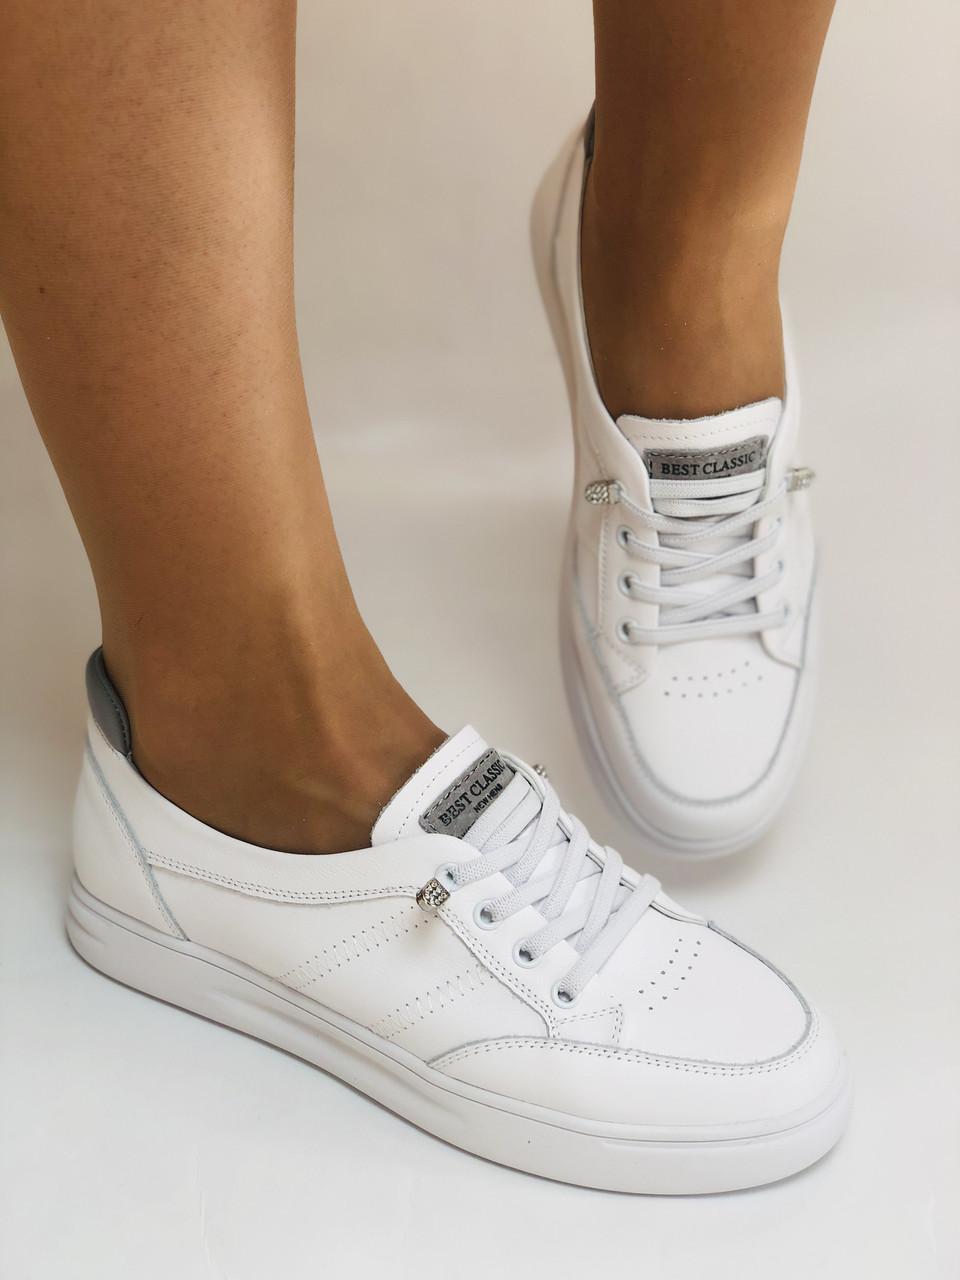 Nadi Bella. Женские кеды-кроссовки белые. Натуральная кожа. Размер 36.37.39.  Vellena